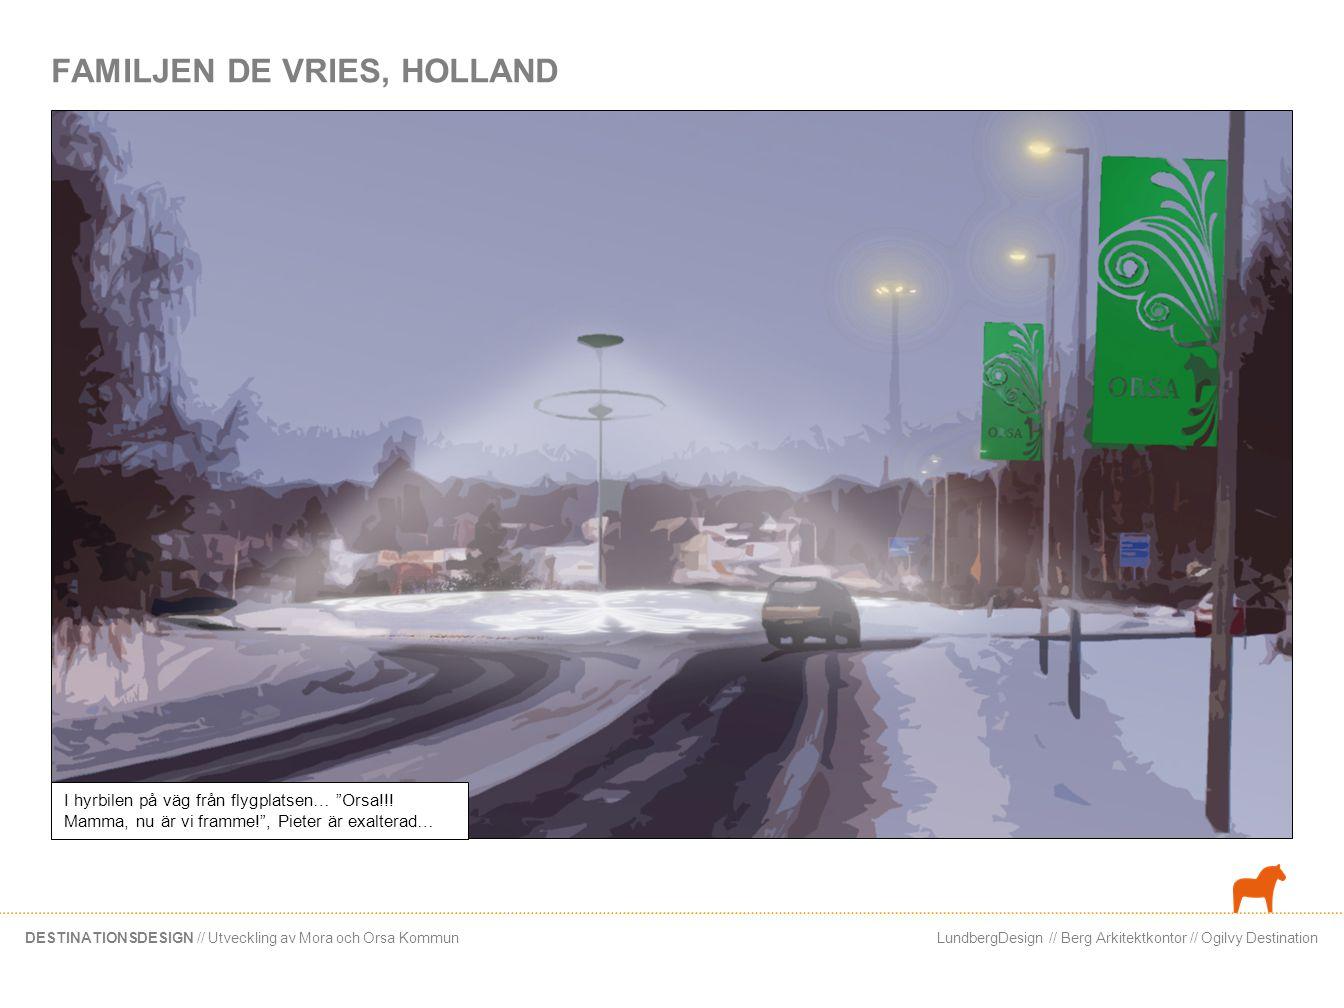 LundbergDesign // Berg Arkitektkontor // Ogilvy DestinationDESTINATIONSDESIGN // Utveckling av Mora och Orsa Kommun FAMILJEN DE VRIES, HOLLAND Ser ni, ljuset ändrar färg! , säger mamma Grietje.